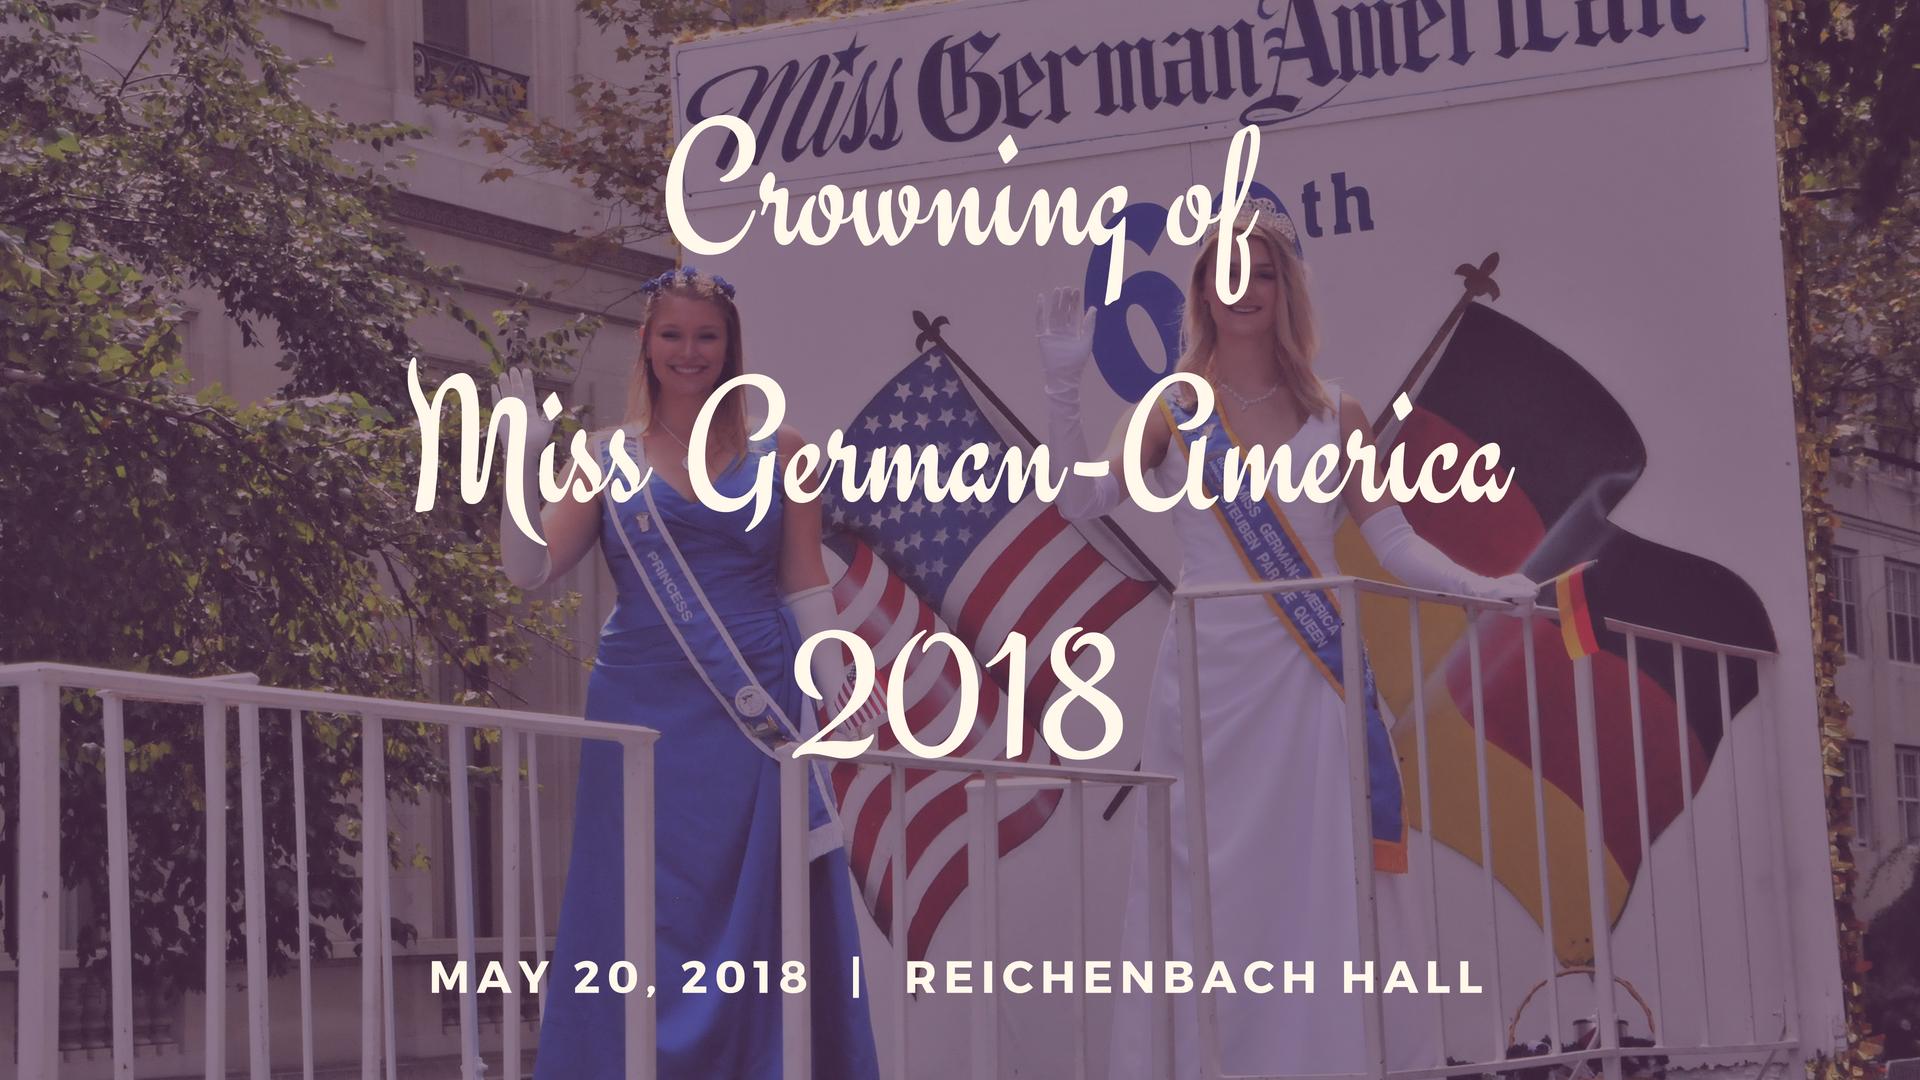 Crowning of Miss German-America 2018